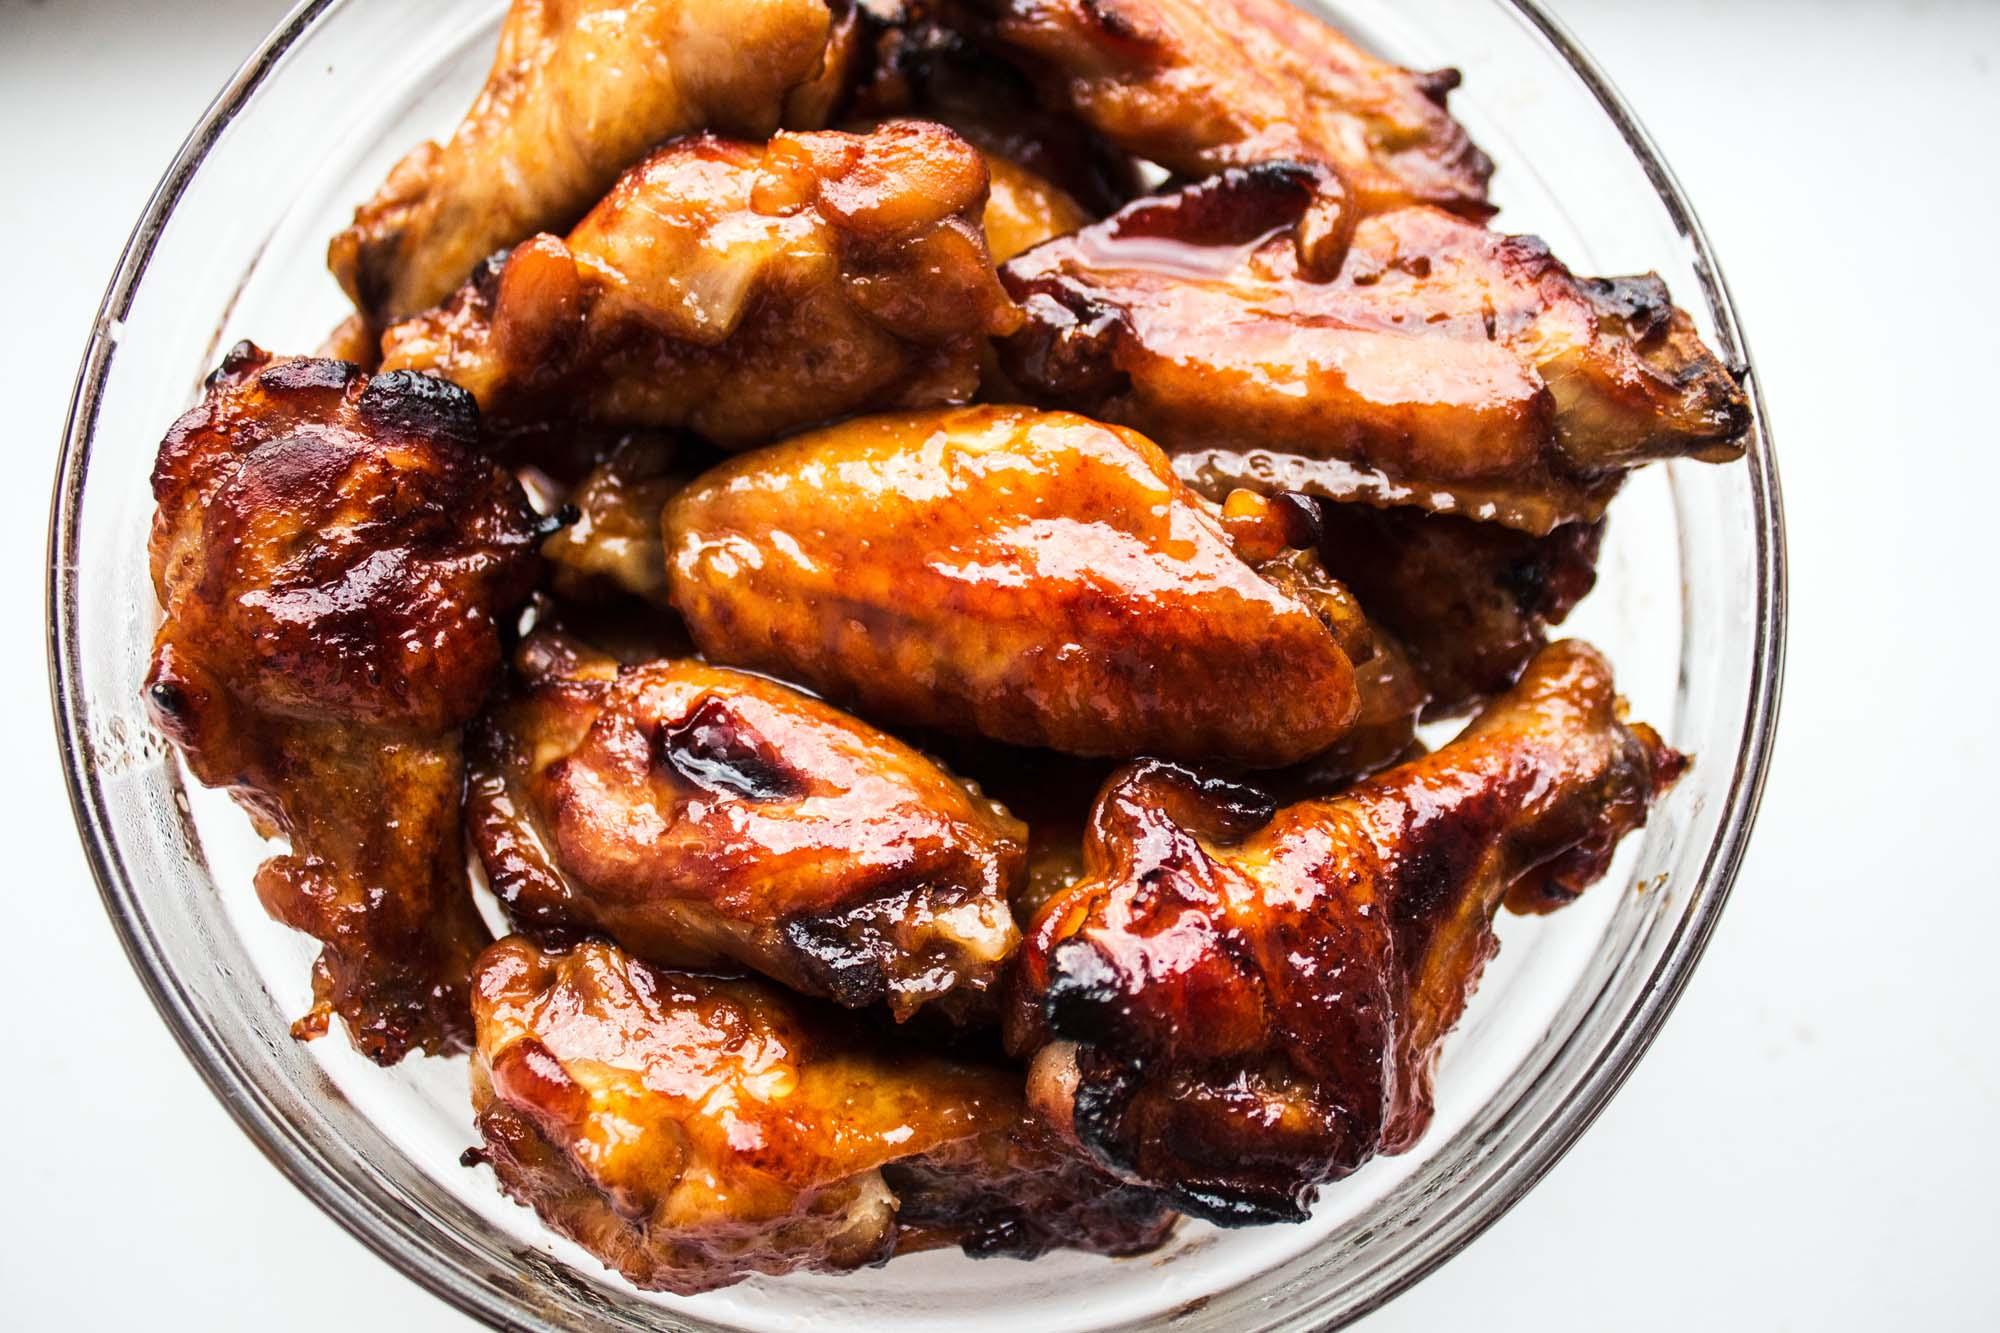 Kyllingevinger med soja- og honningglasur